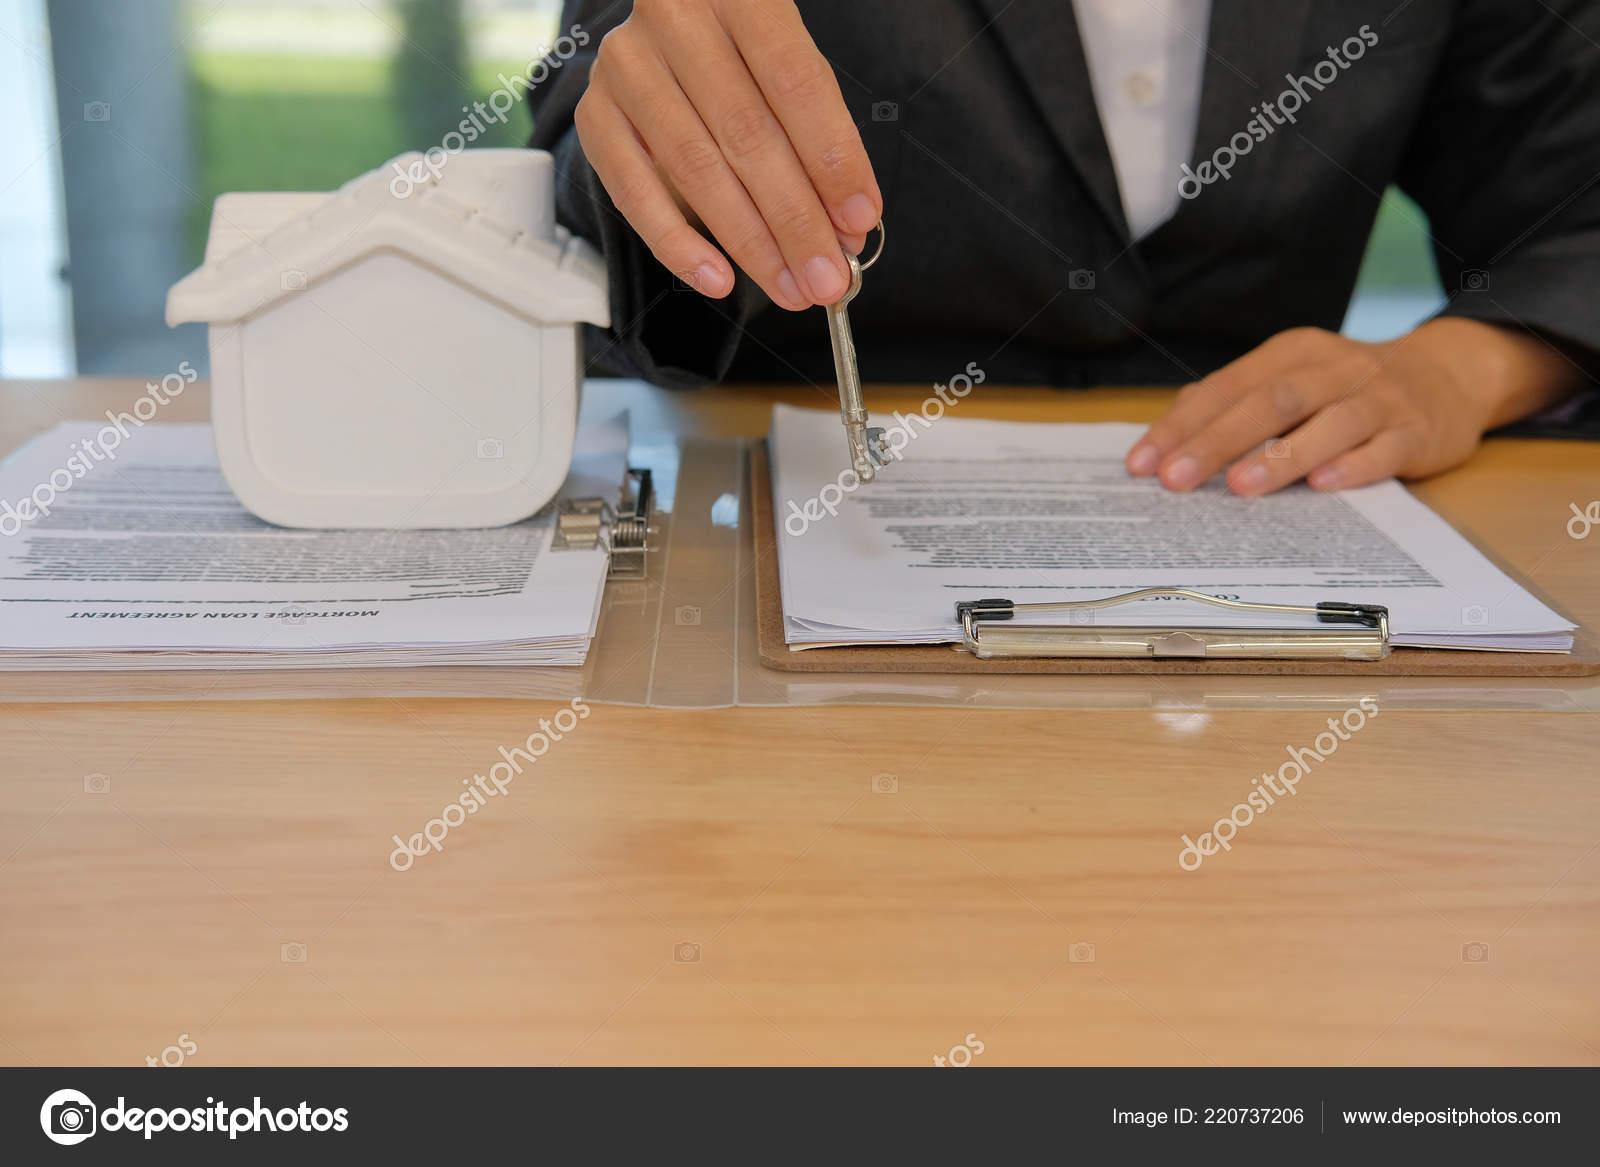 Agente Corretor Imóveis Com Casa Modelo Chave Hipoteca